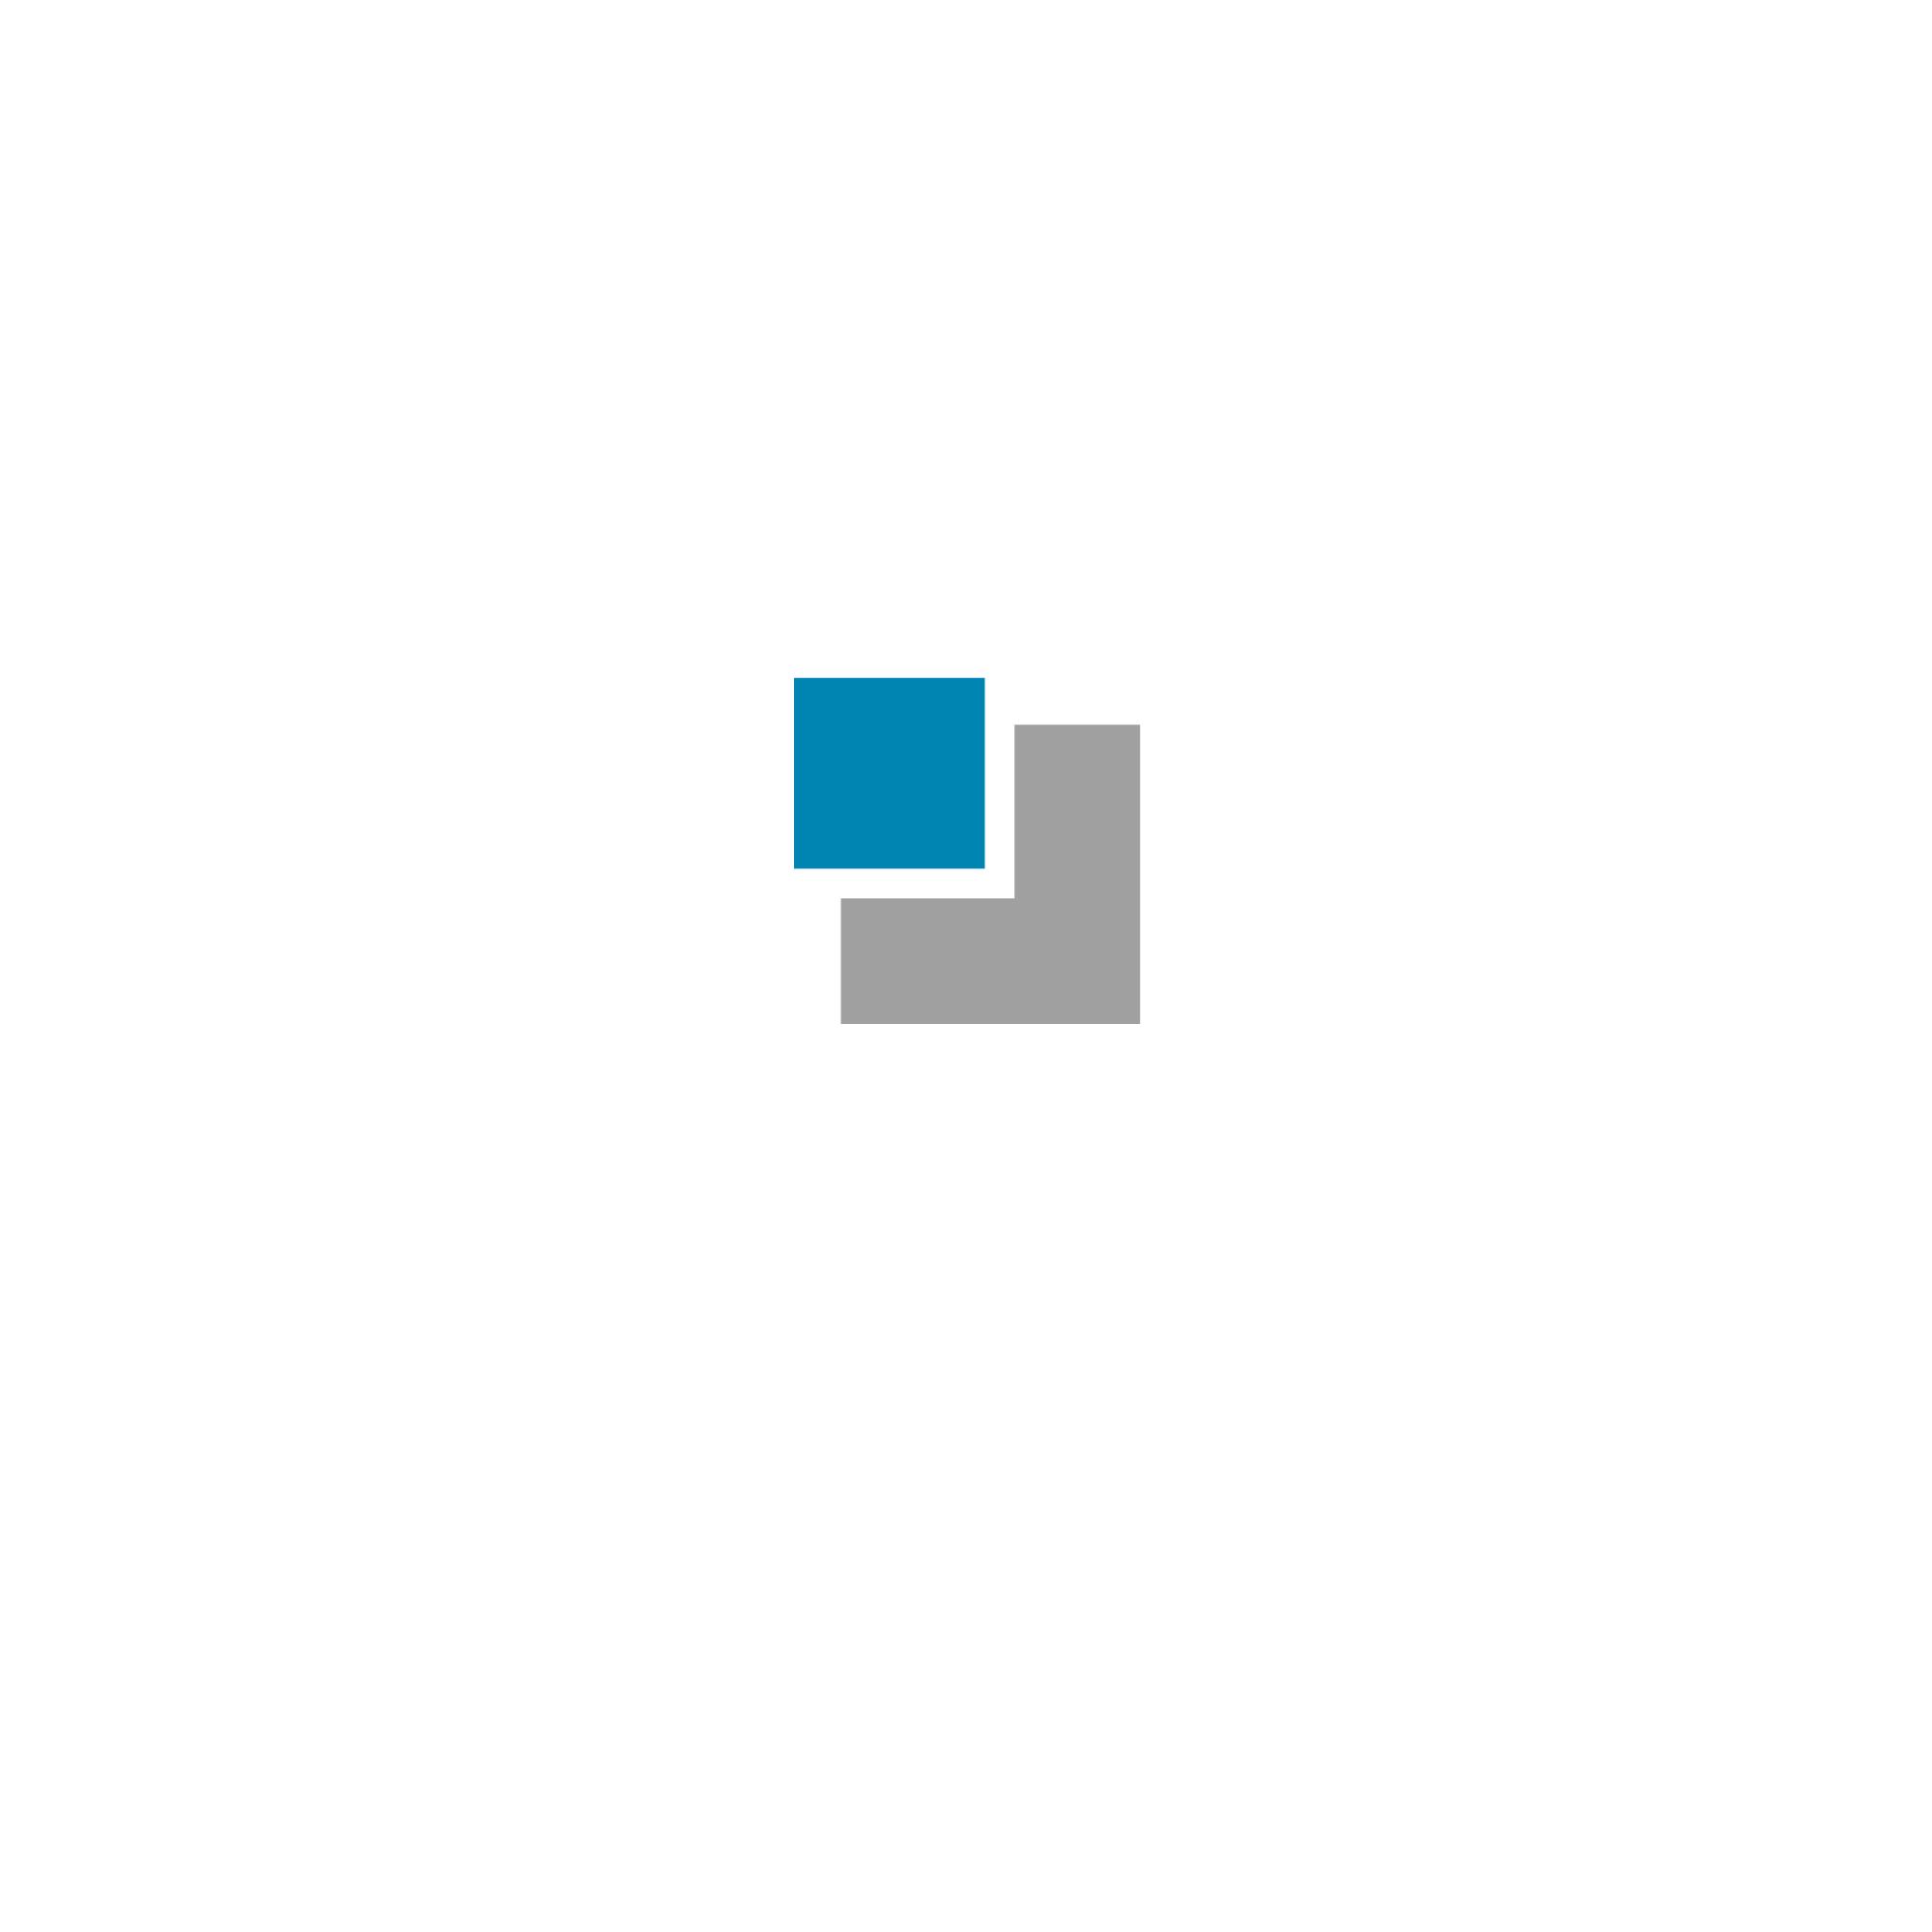 Logo der Rechtsanwälte Nordhausen Blattmann